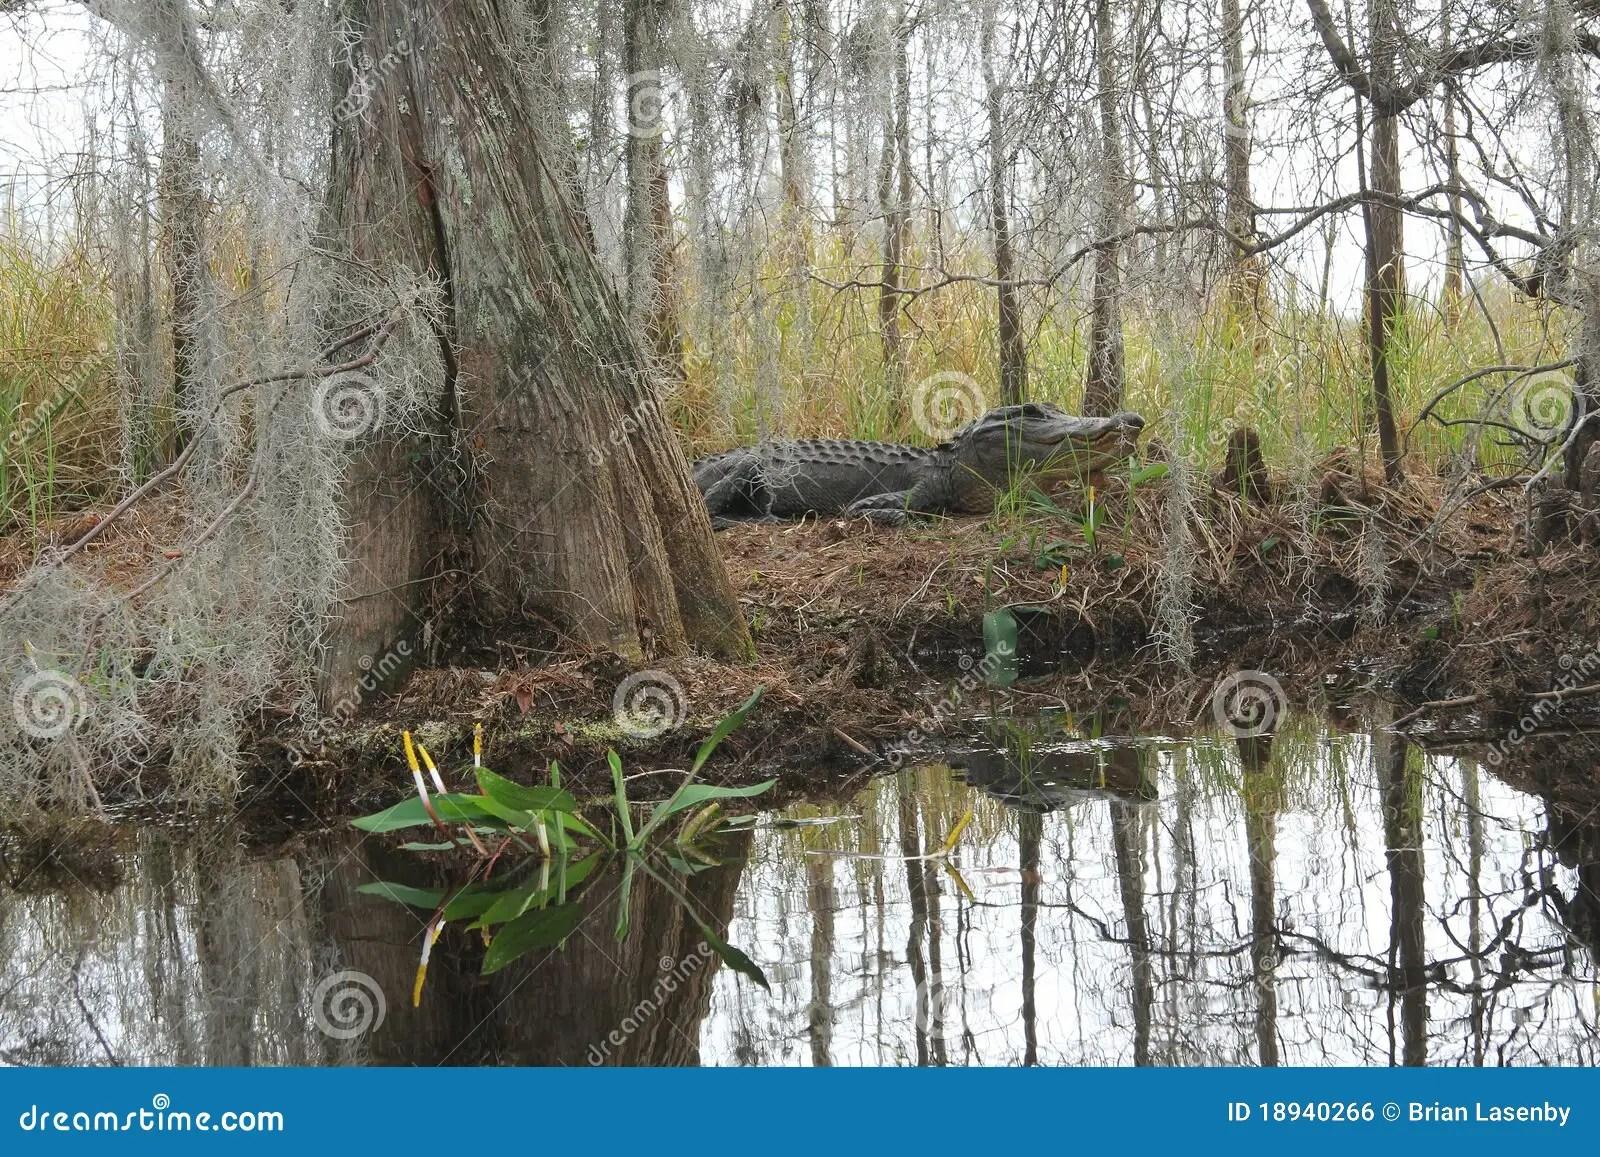 Alligator In Natural Habitat